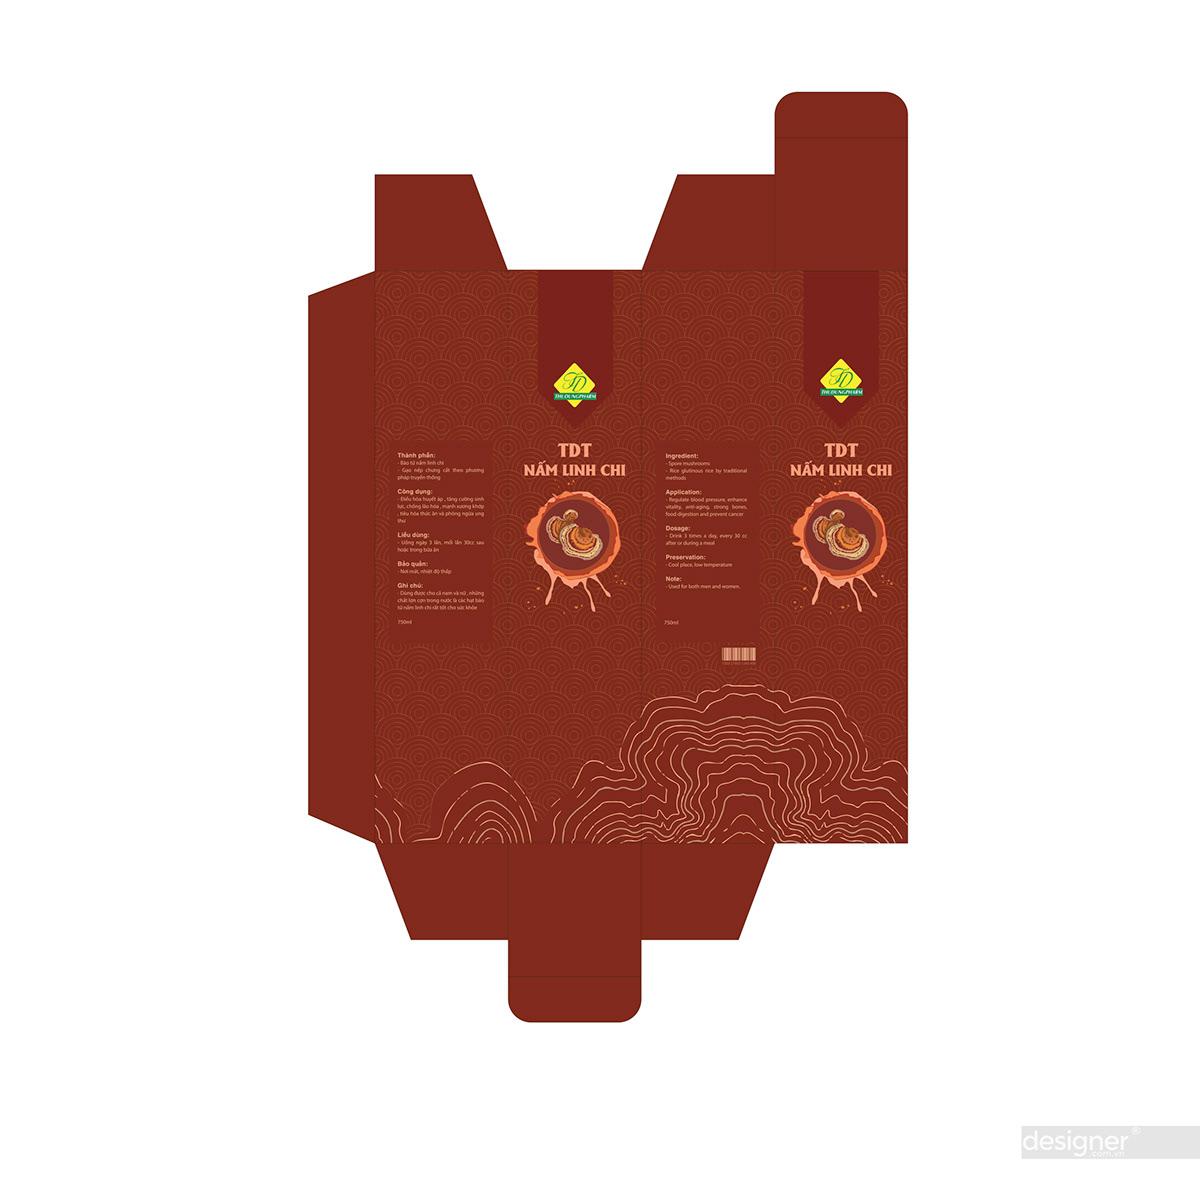 Thiết kế vỏ hộp nấm linh chi